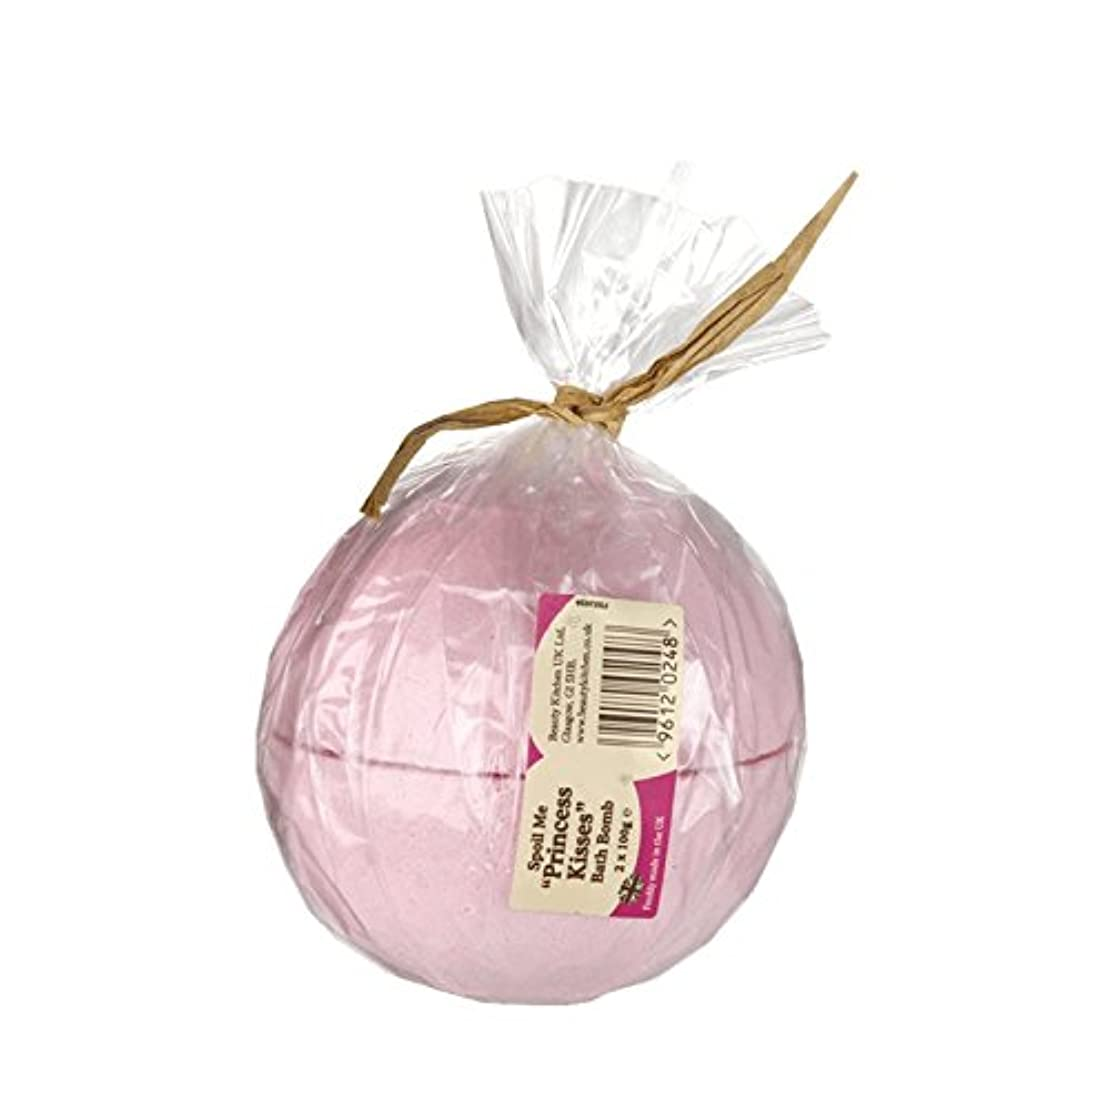 平らにするアラスカ常識Beauty Kitchen Spoil Me Princess Kisses Bath Bomb 2 x 100g (Pack of 6) - 私台無し美容キッチン王女は、お風呂爆弾2×100グラムをキス (x6) [...